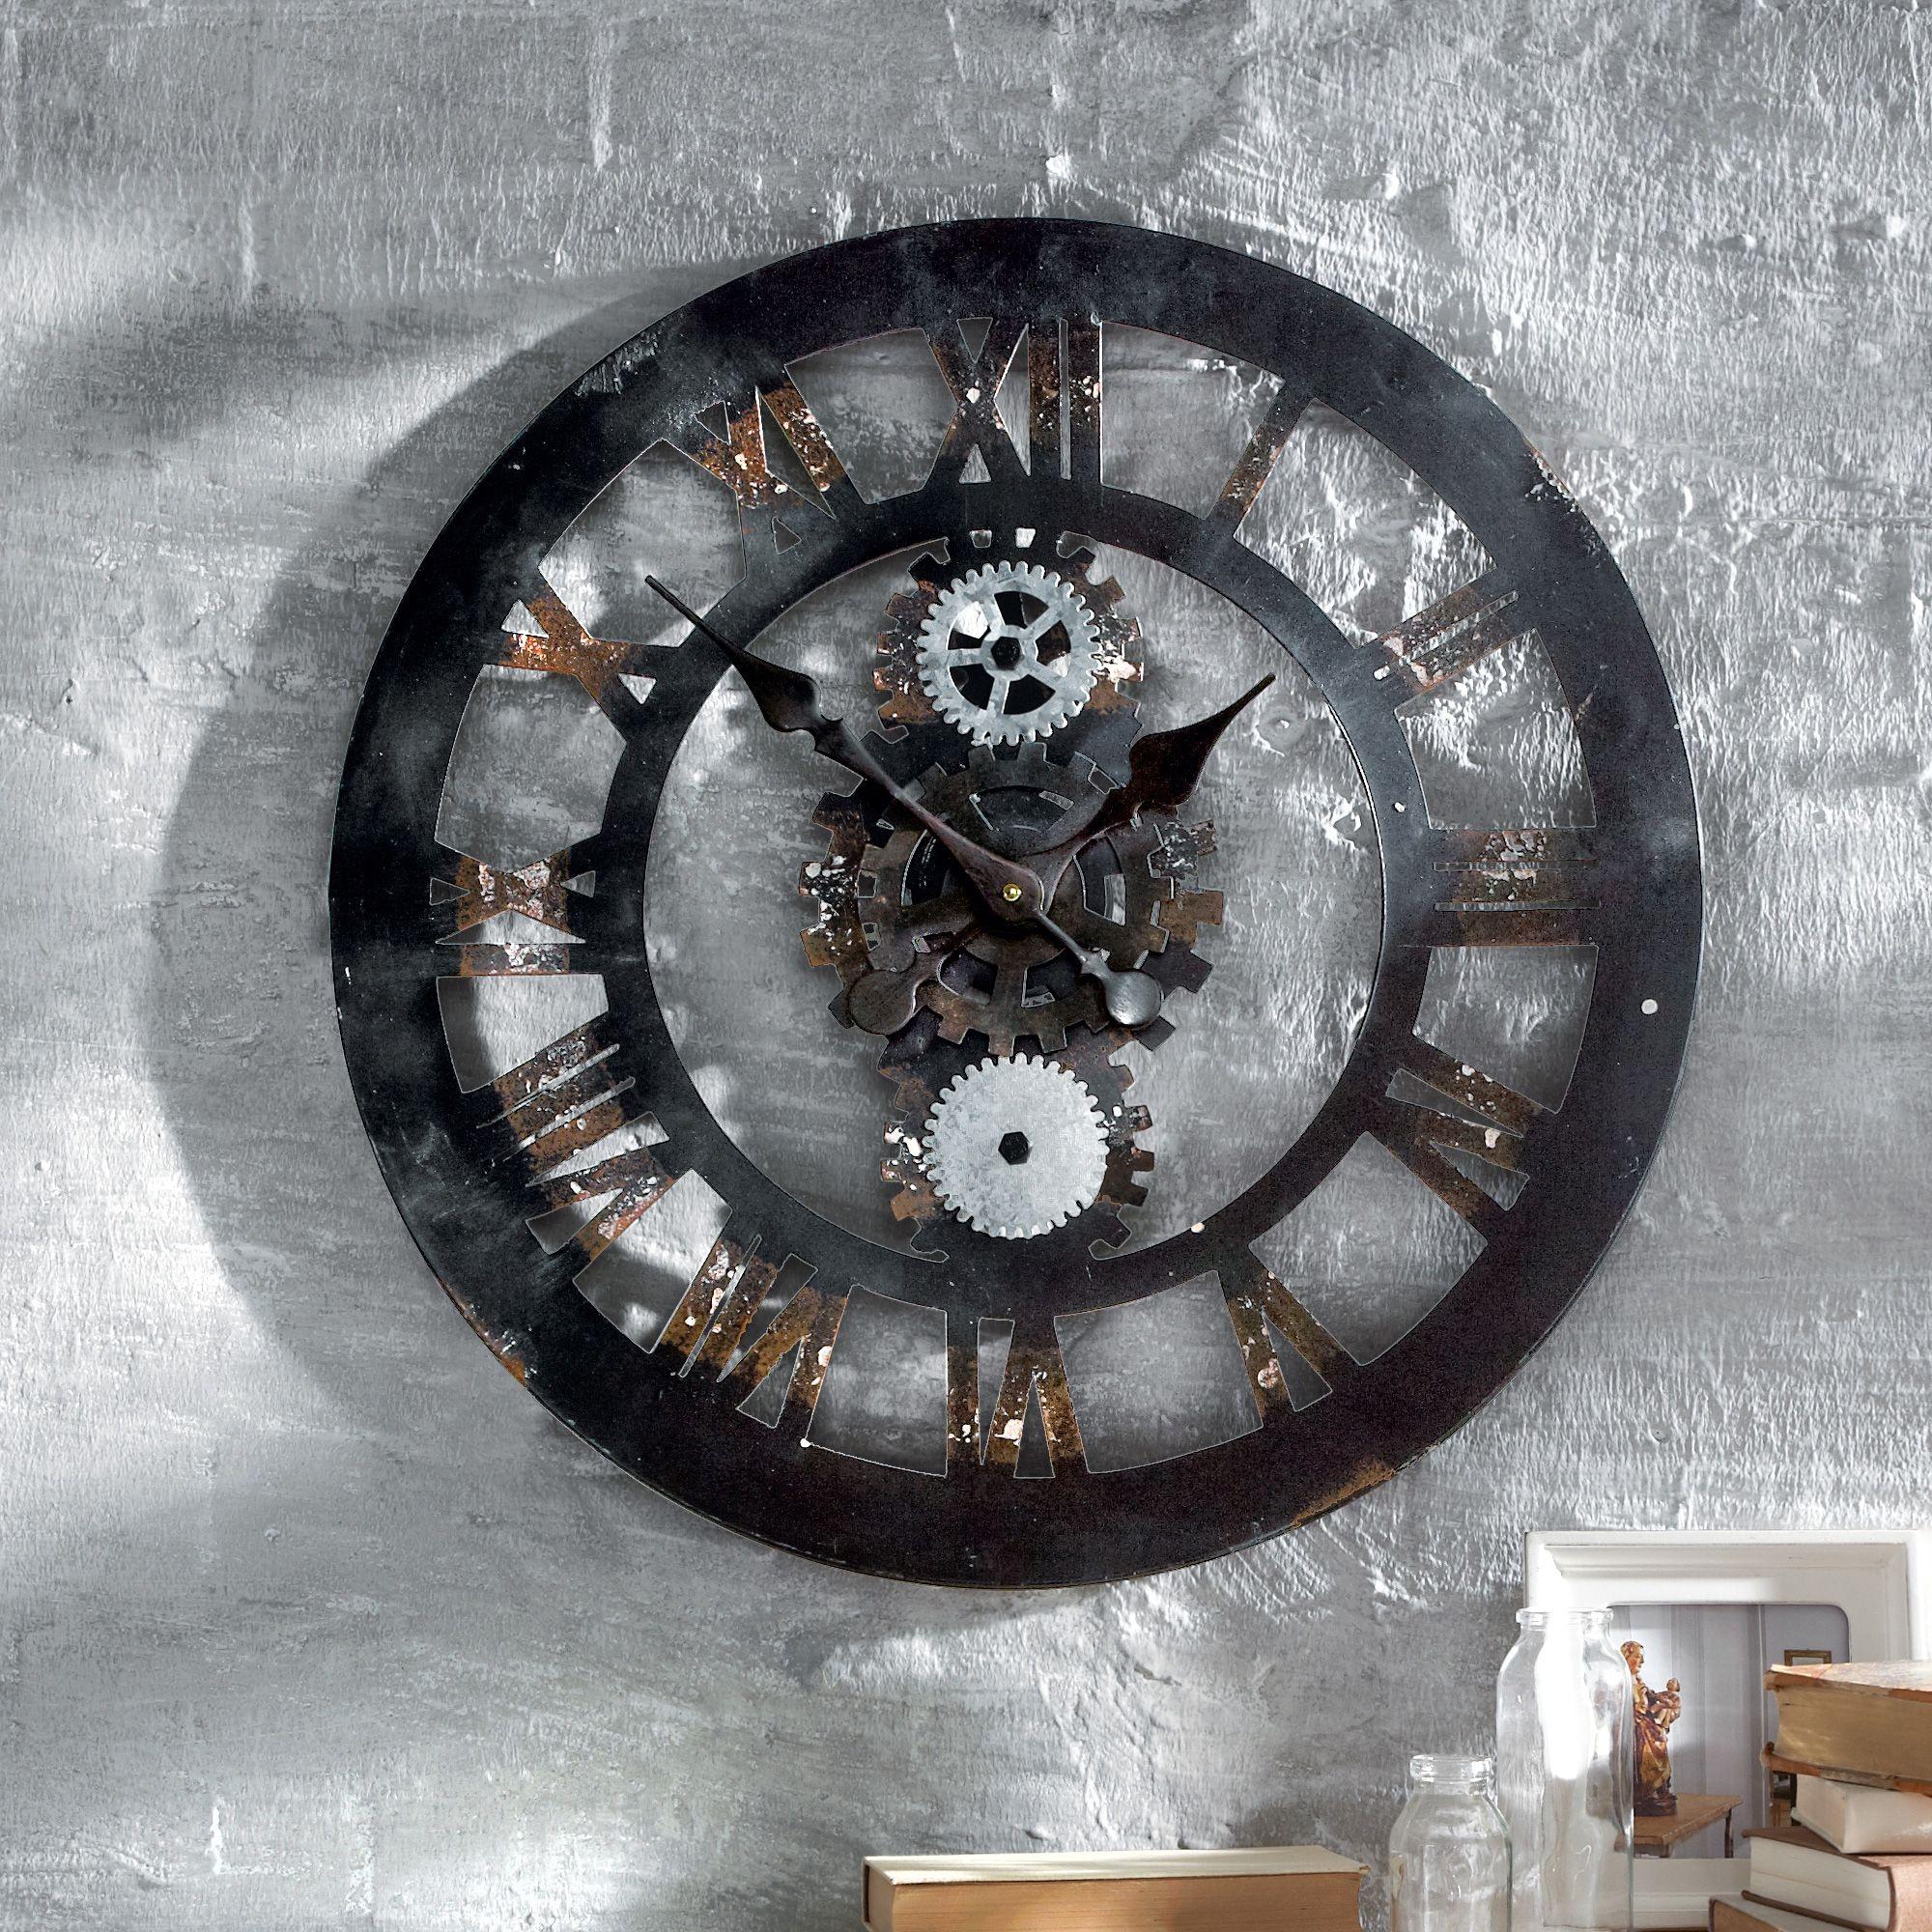 Wanduhr zahnrad originelle wanduhr aus metall mit sichtbaren zahnr dern industrial saison - Originelle wanduhr ...